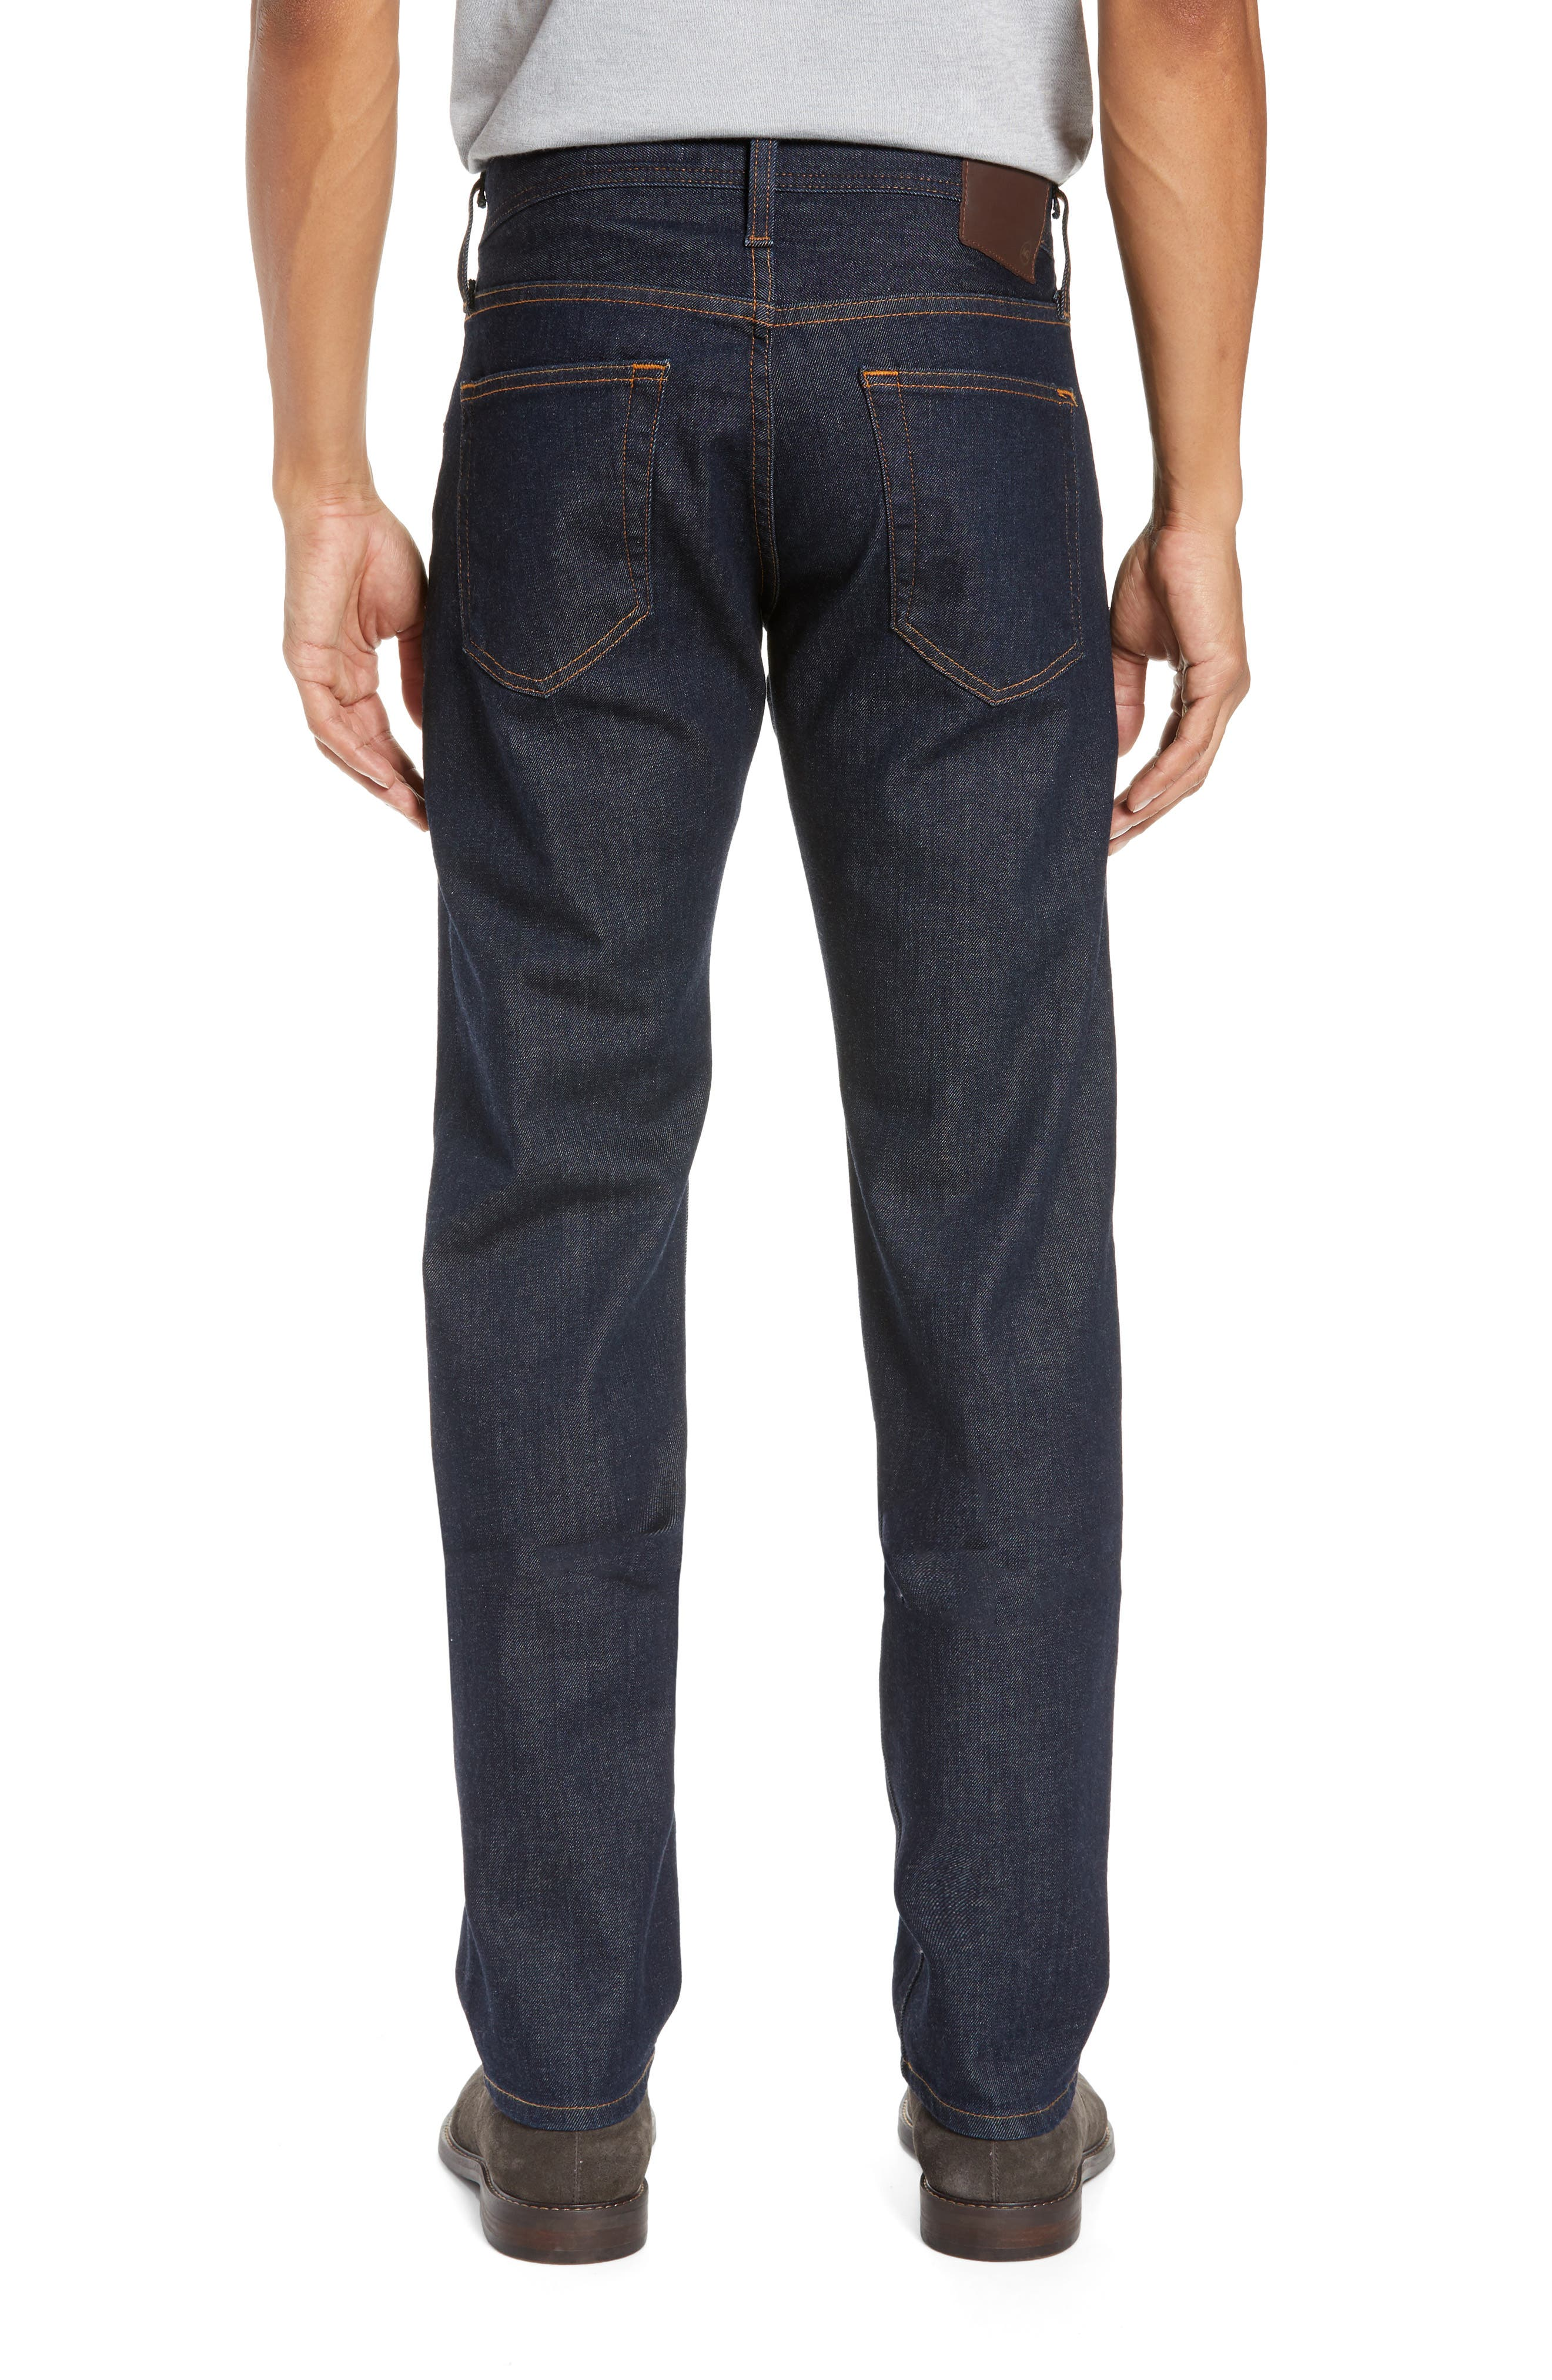 Tellis Slim Fit Jeans,                             Alternate thumbnail 2, color,                             PARTRIDGE